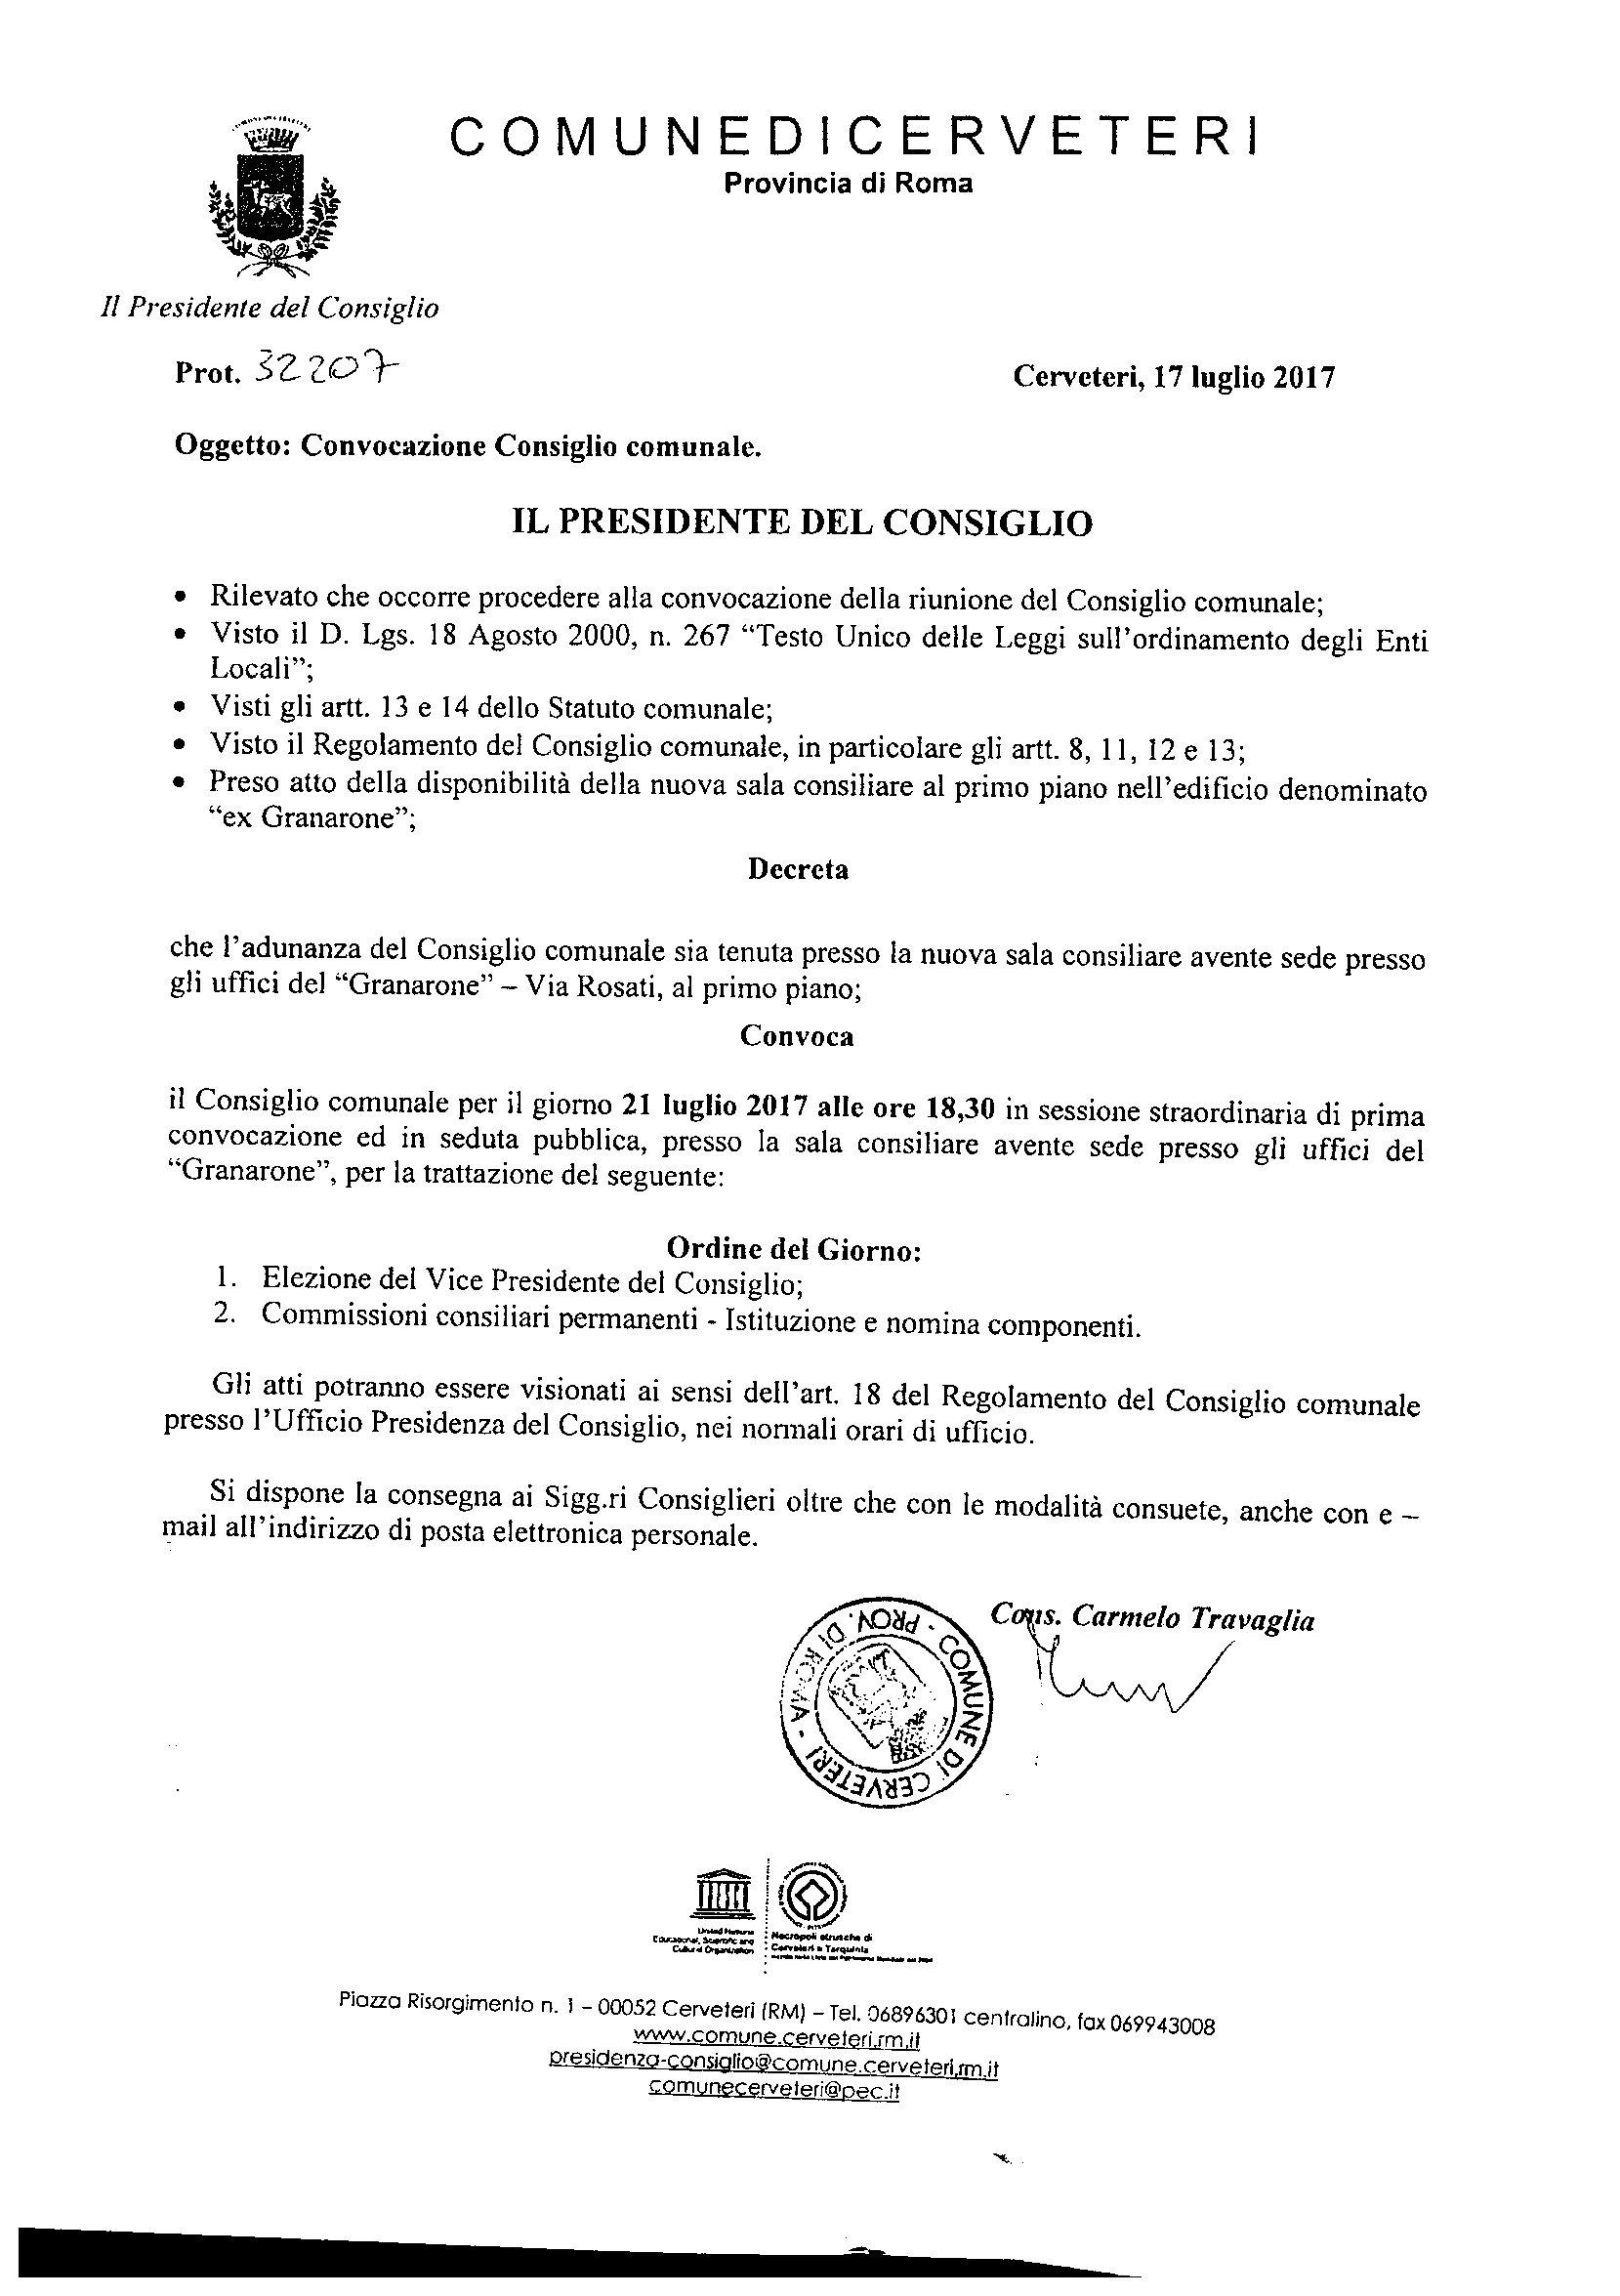 Convocazione Consiglio Comunale del 21/07/2017